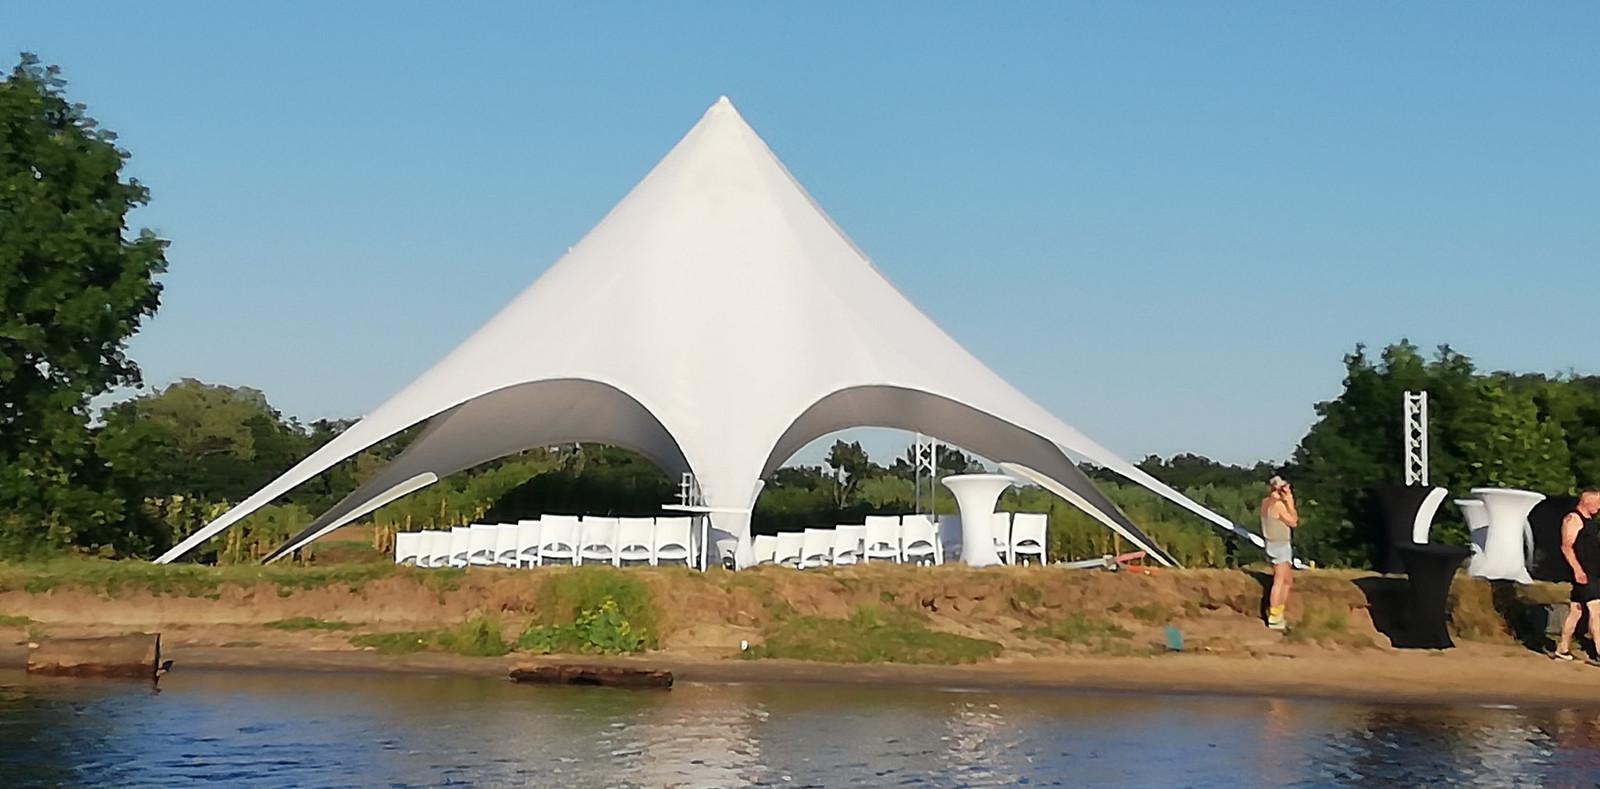 De opbouw van een trouwfeest in de Noorderkolk in Zwolle, juni 2019. Het feest had nooit gehouden mogen worden in dit natuurgebied.